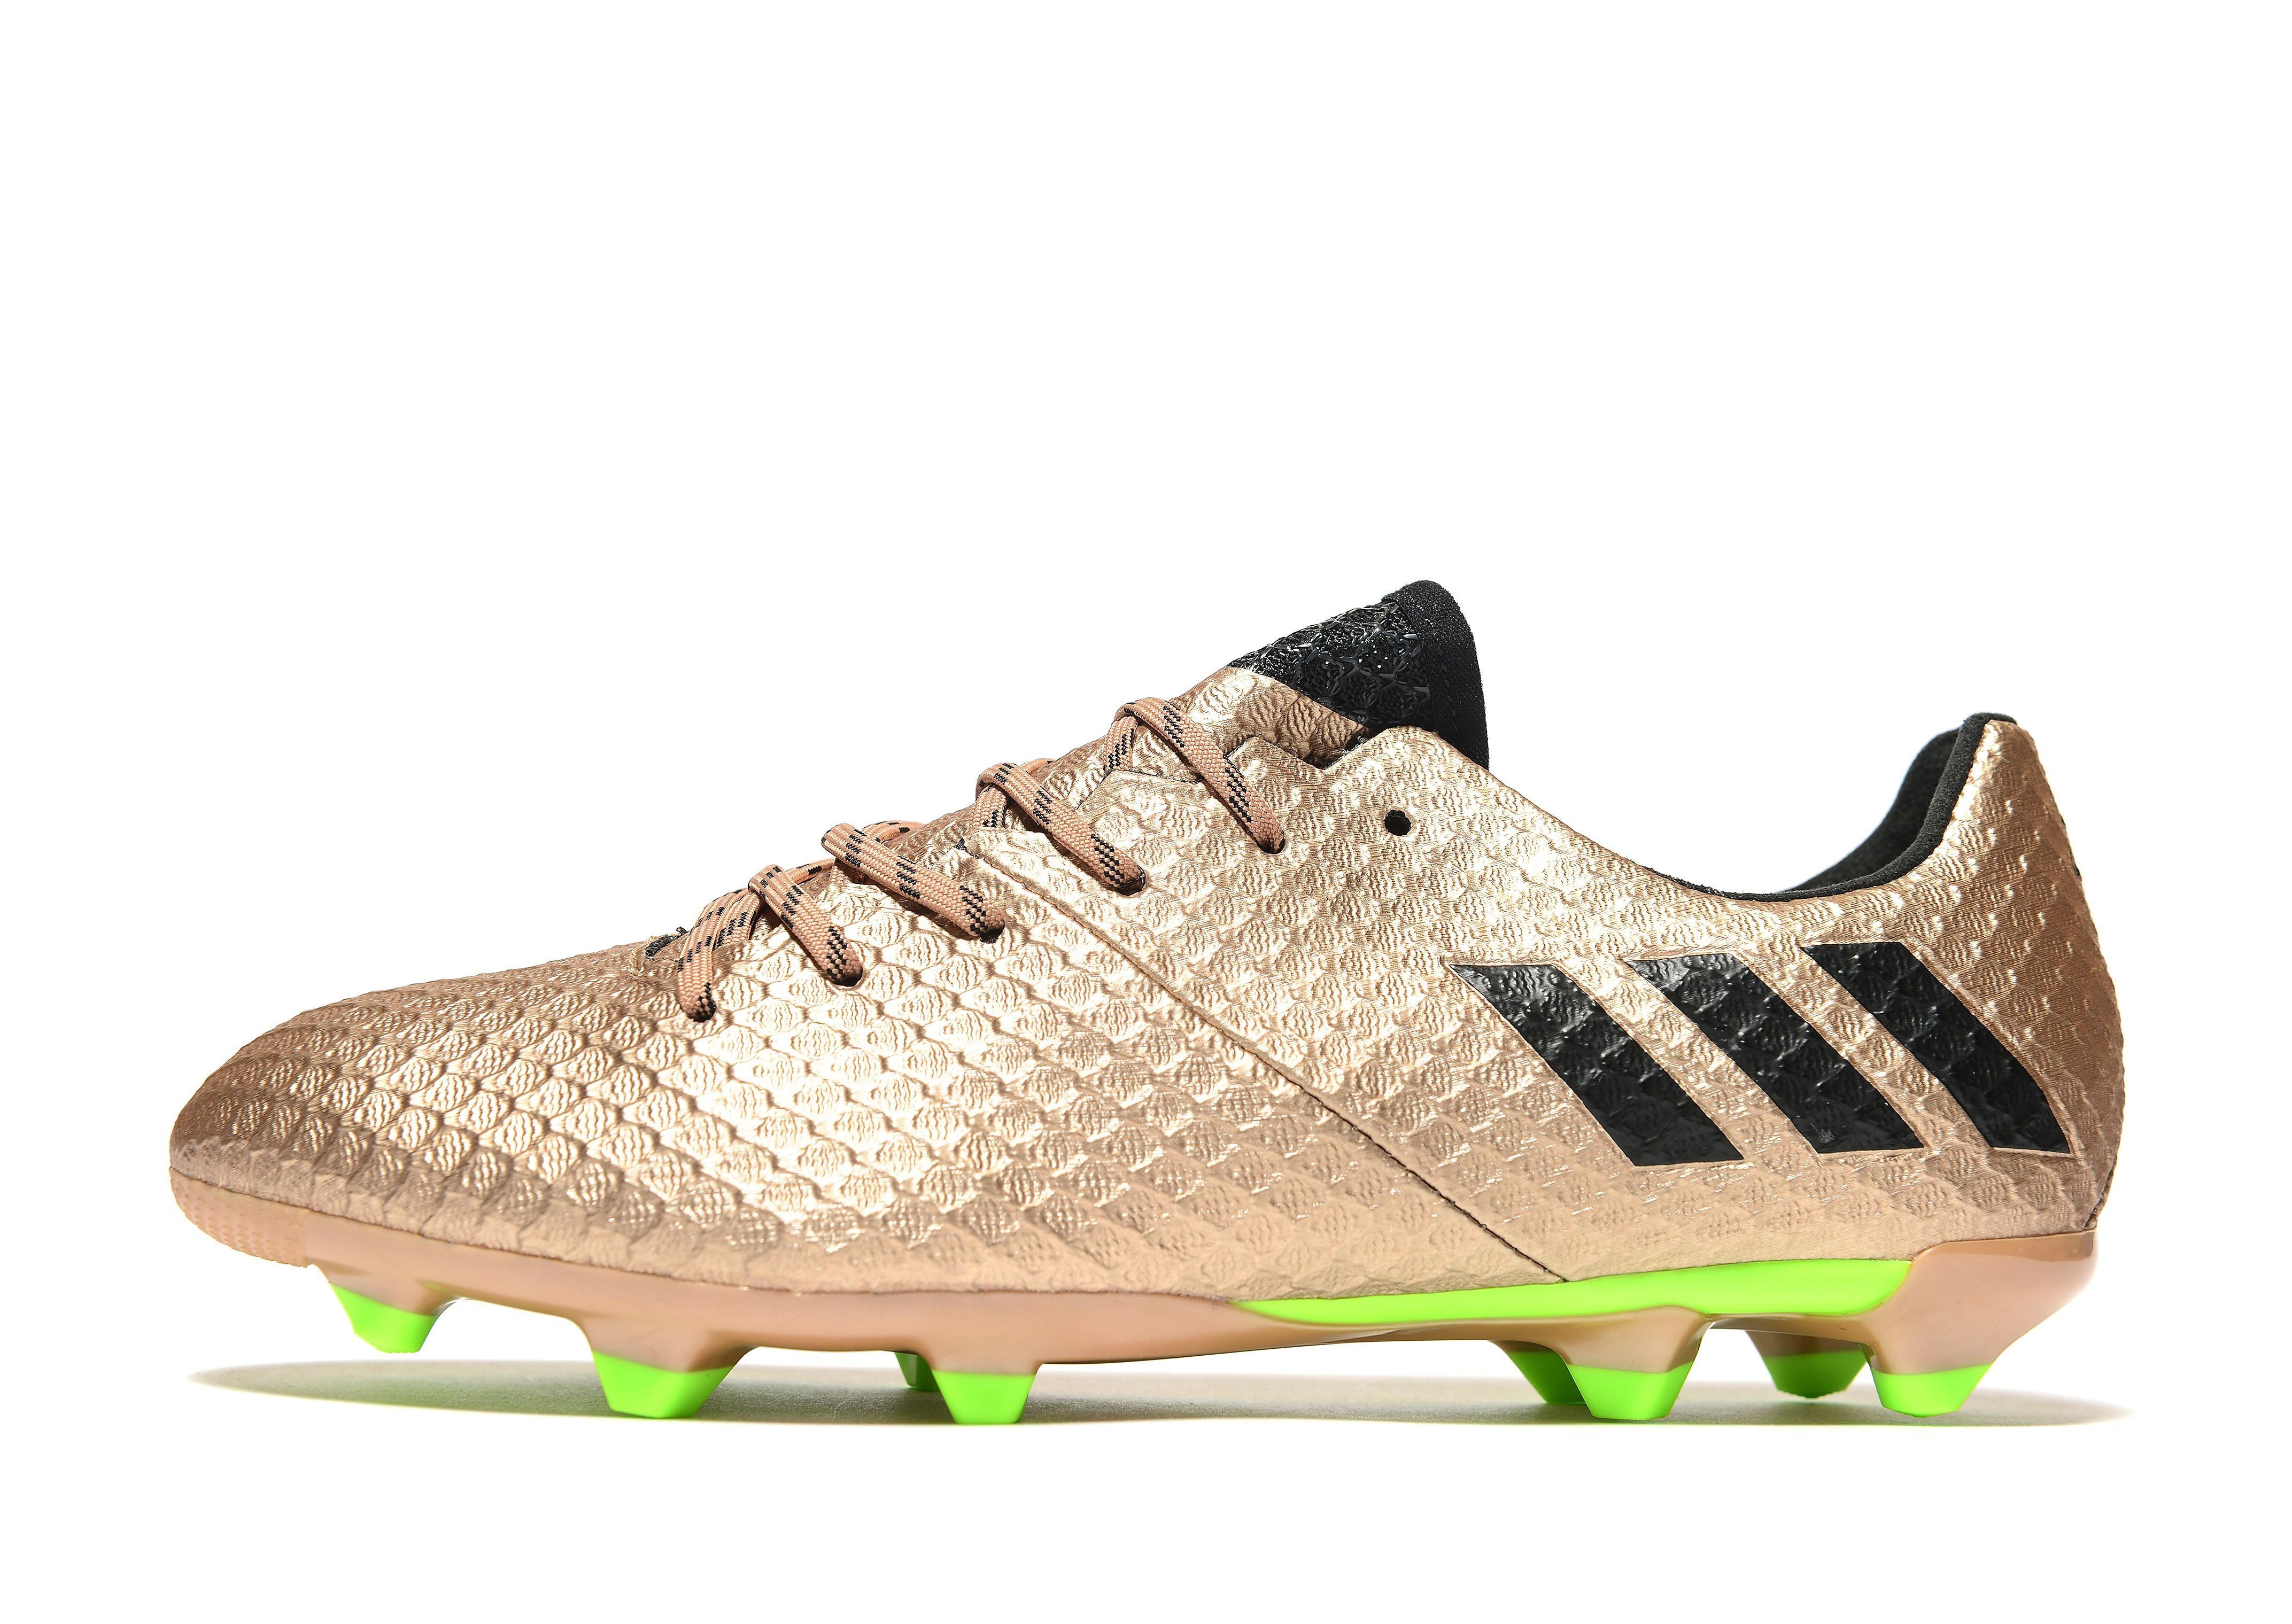 adidas Messi 16.1 FG Junior